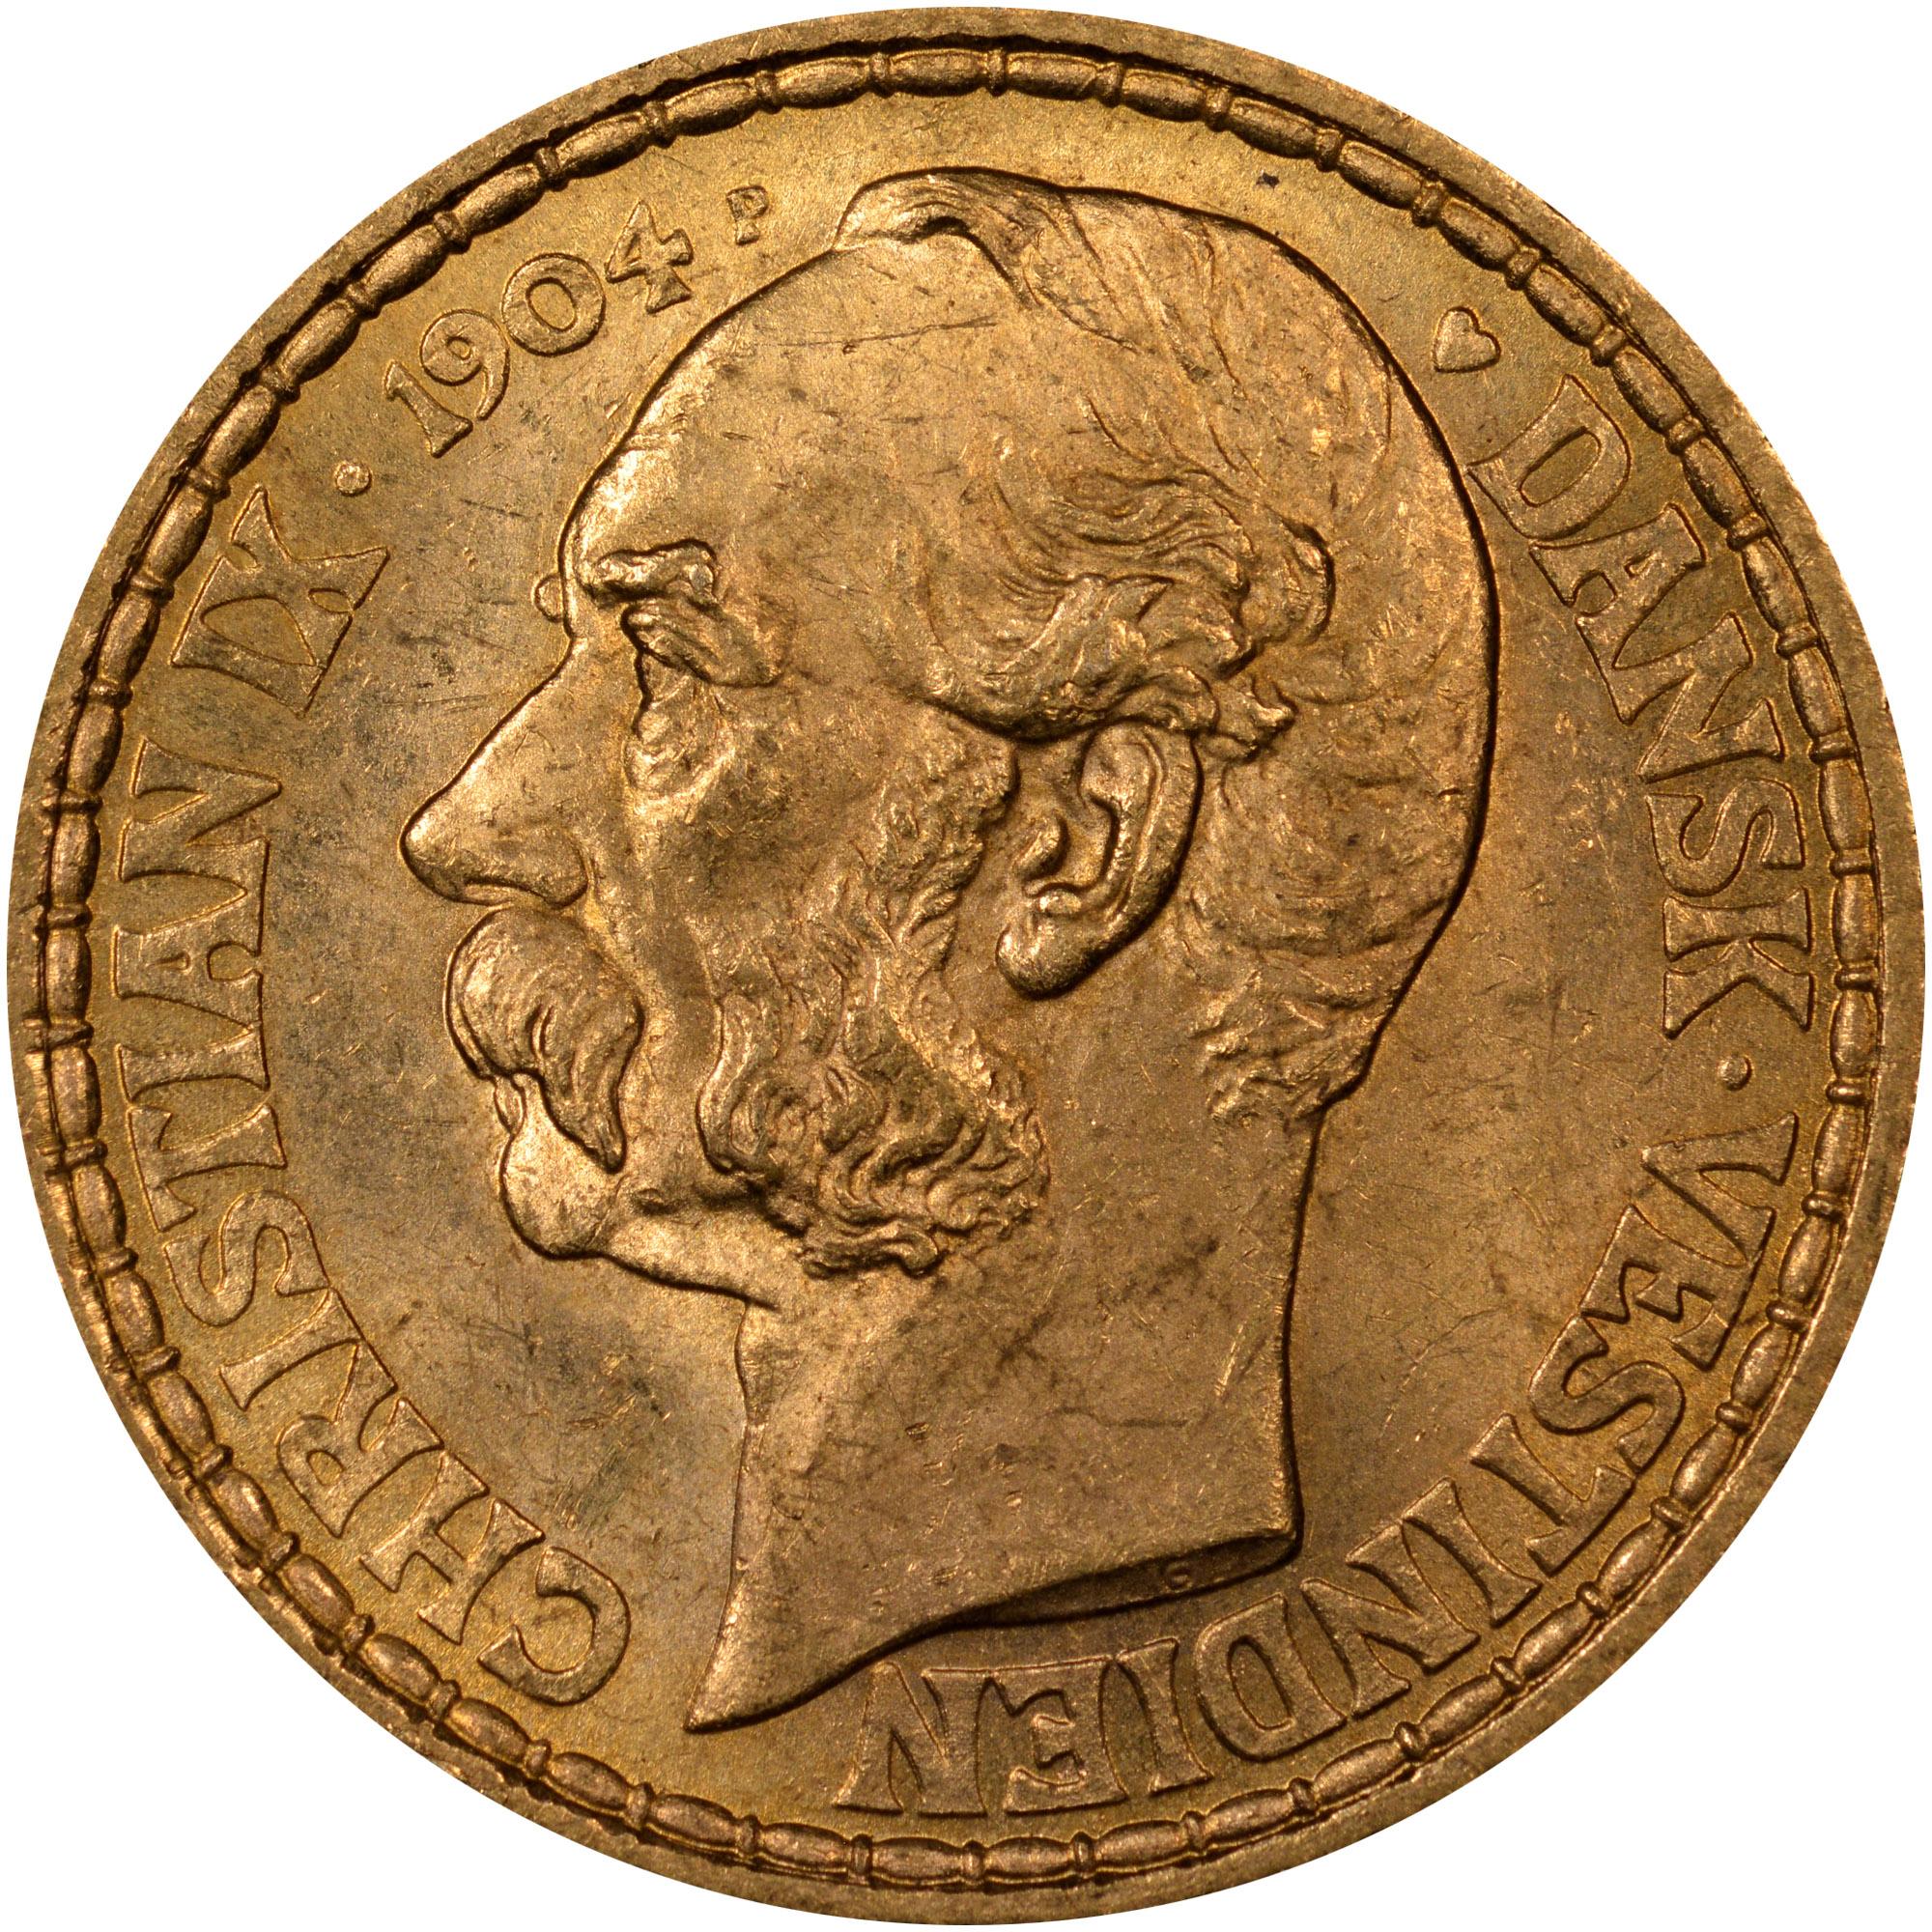 1904-1905 Danish West Indies 4 Daler, 20 Francs obverse